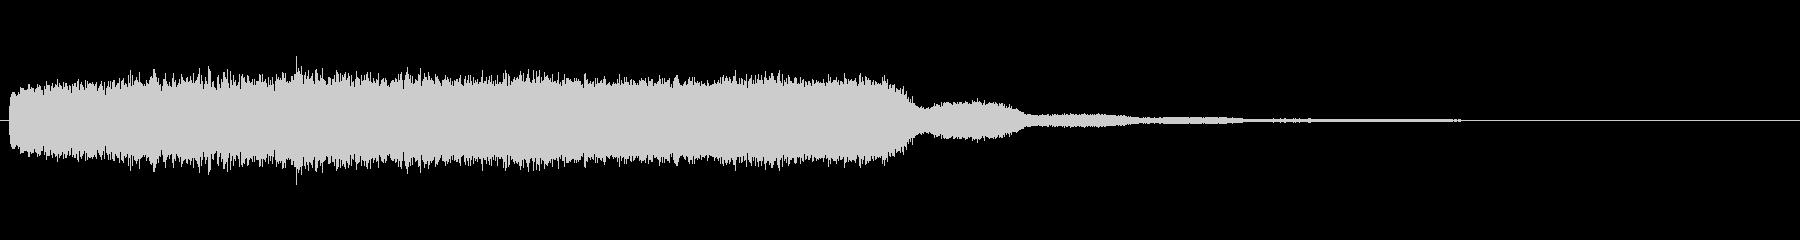 上昇音・変身・魔法などの効果音の未再生の波形